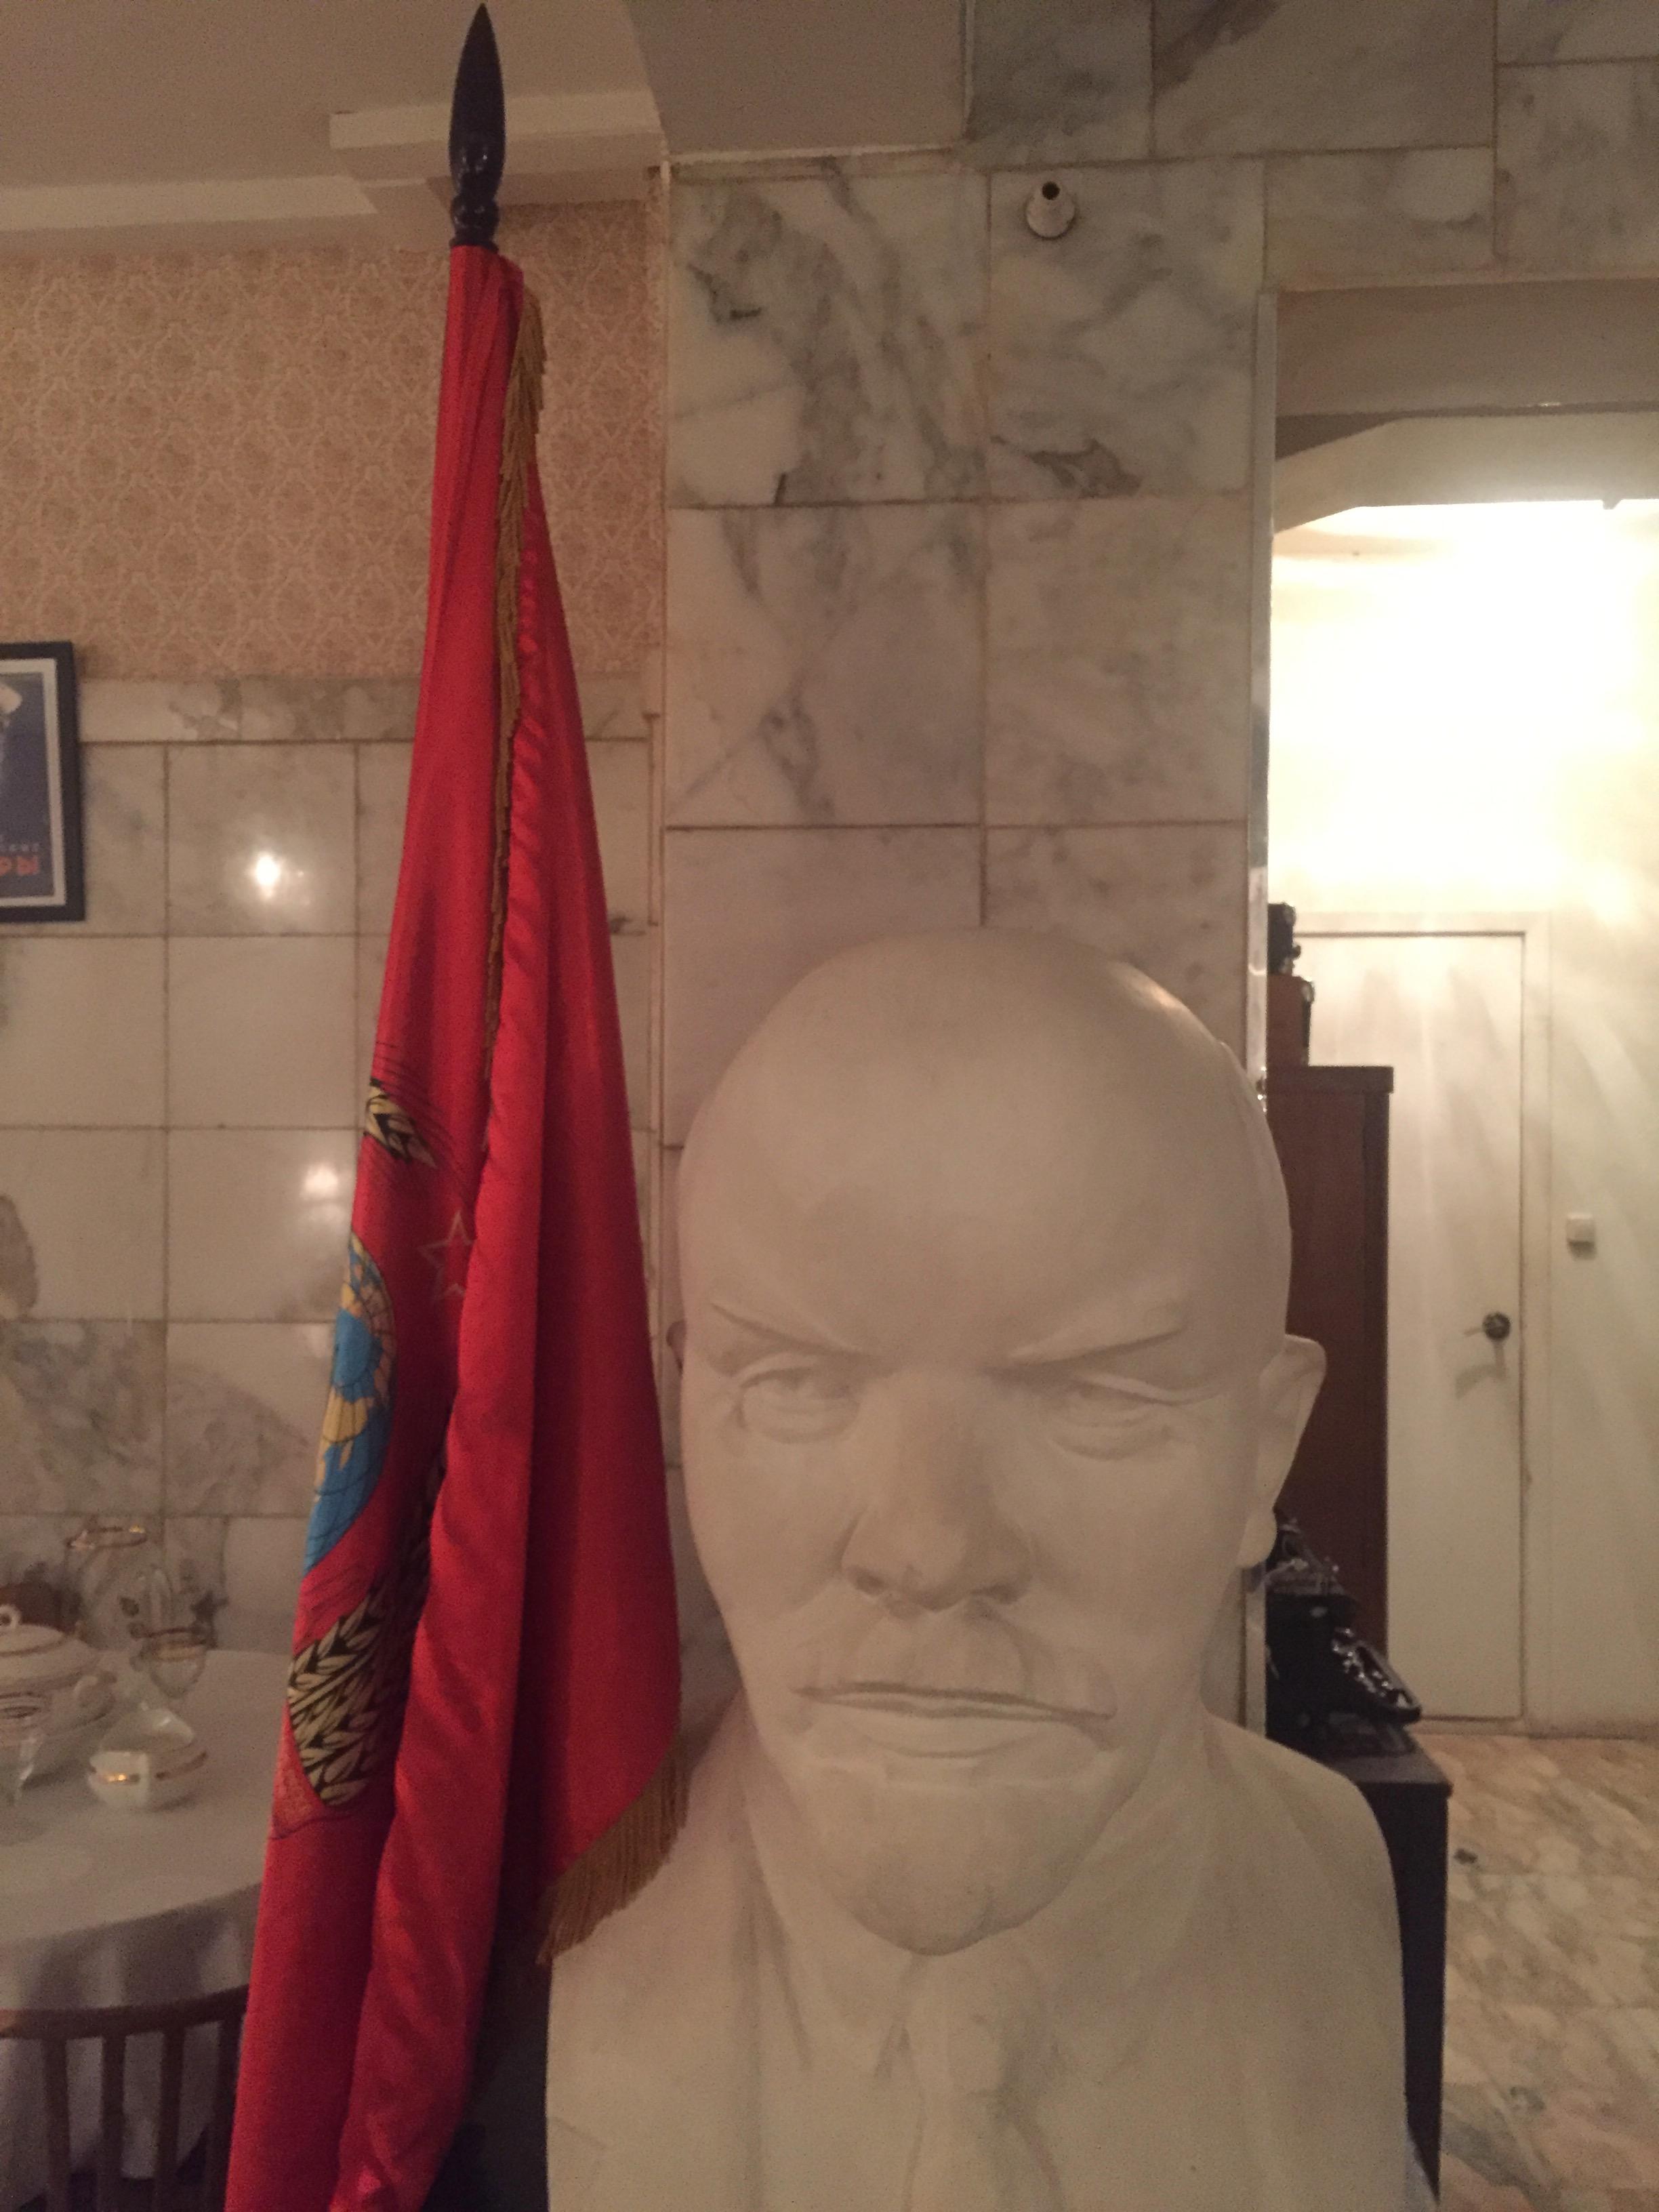 Bacilusként fertőzték meg Leninnel a végelgyengült Romanov-sast